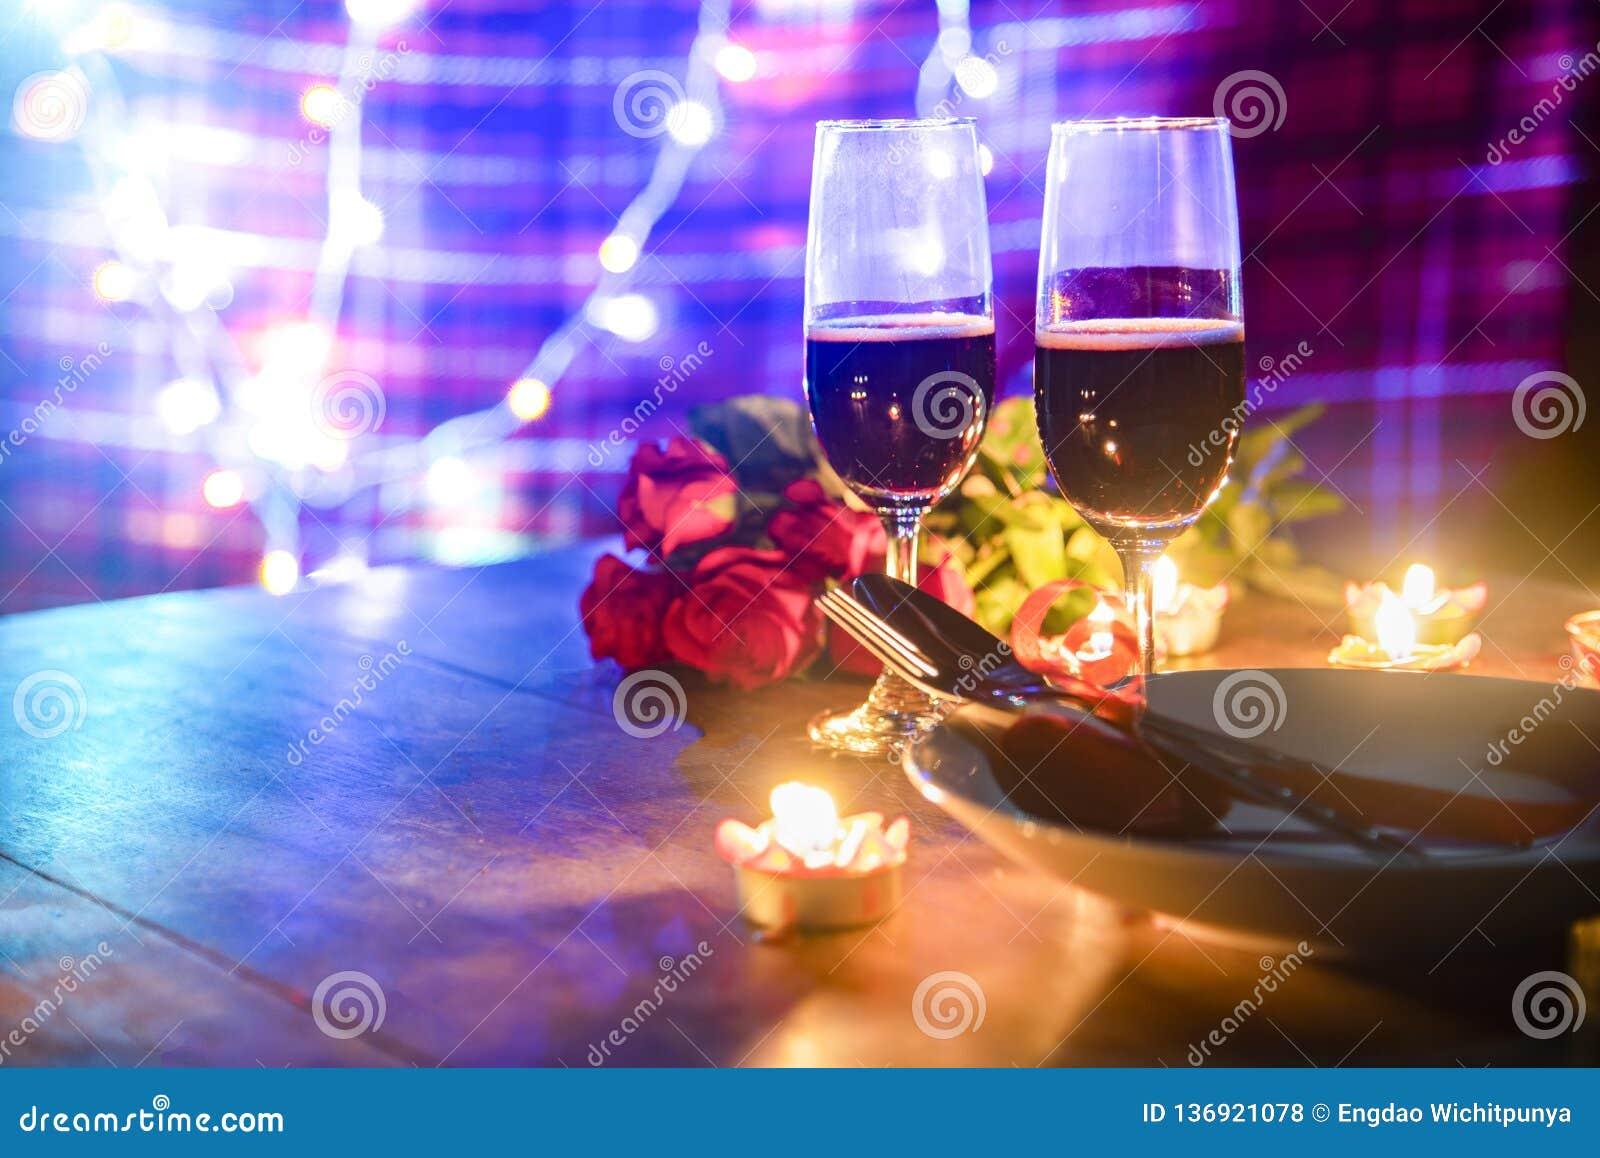 Begrepp för förälskelse för valentinmatställe romantiskt/romantisk tabellinställning som dekoreras med gaffelskeden på plattan